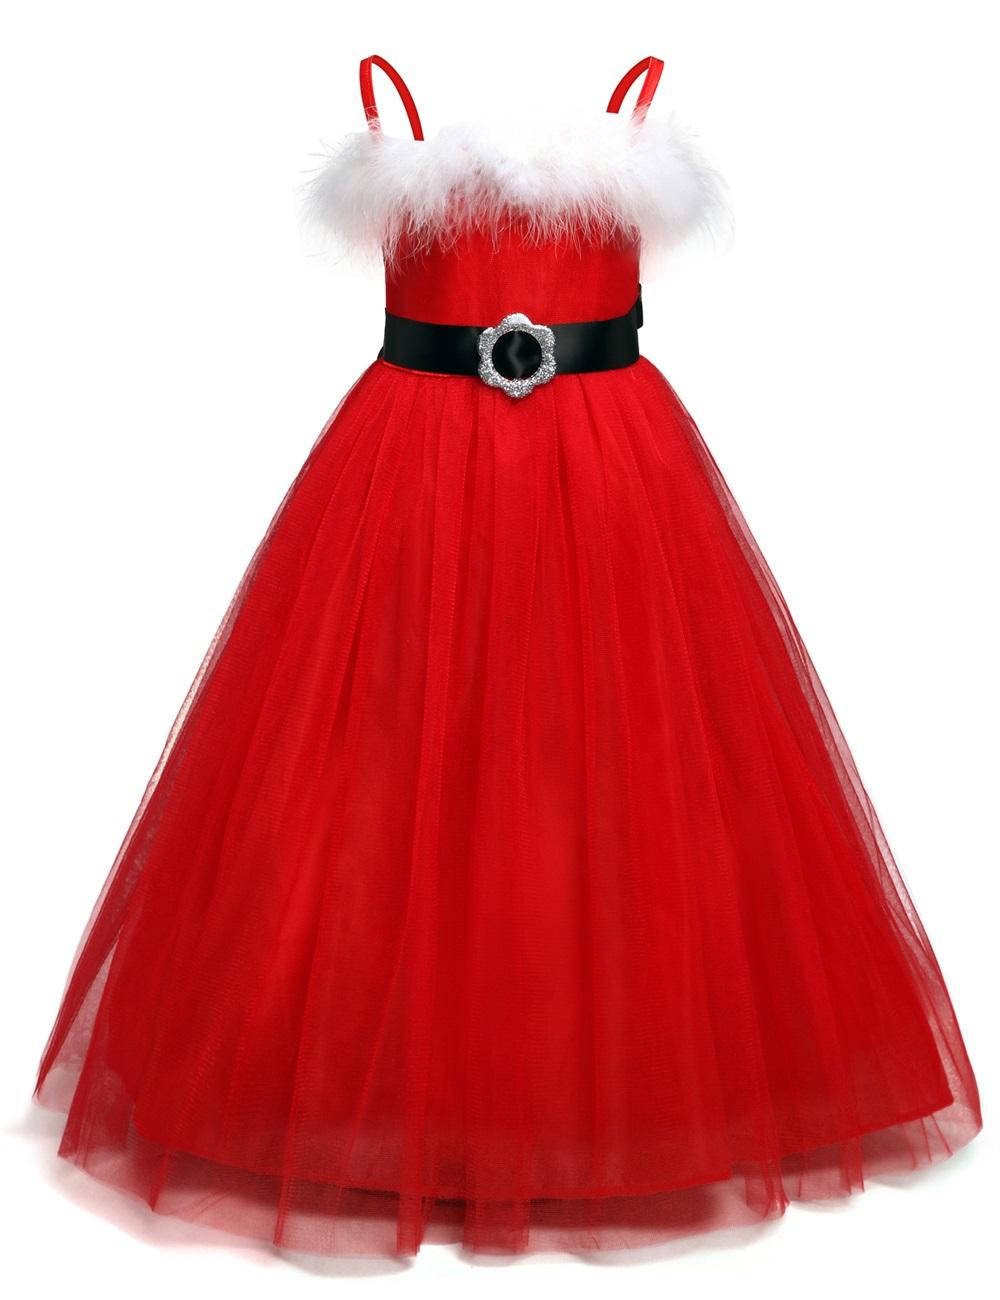 princesa de navidad disfraces infantiles nio nios vestidos para nias nios ropa formal del partido